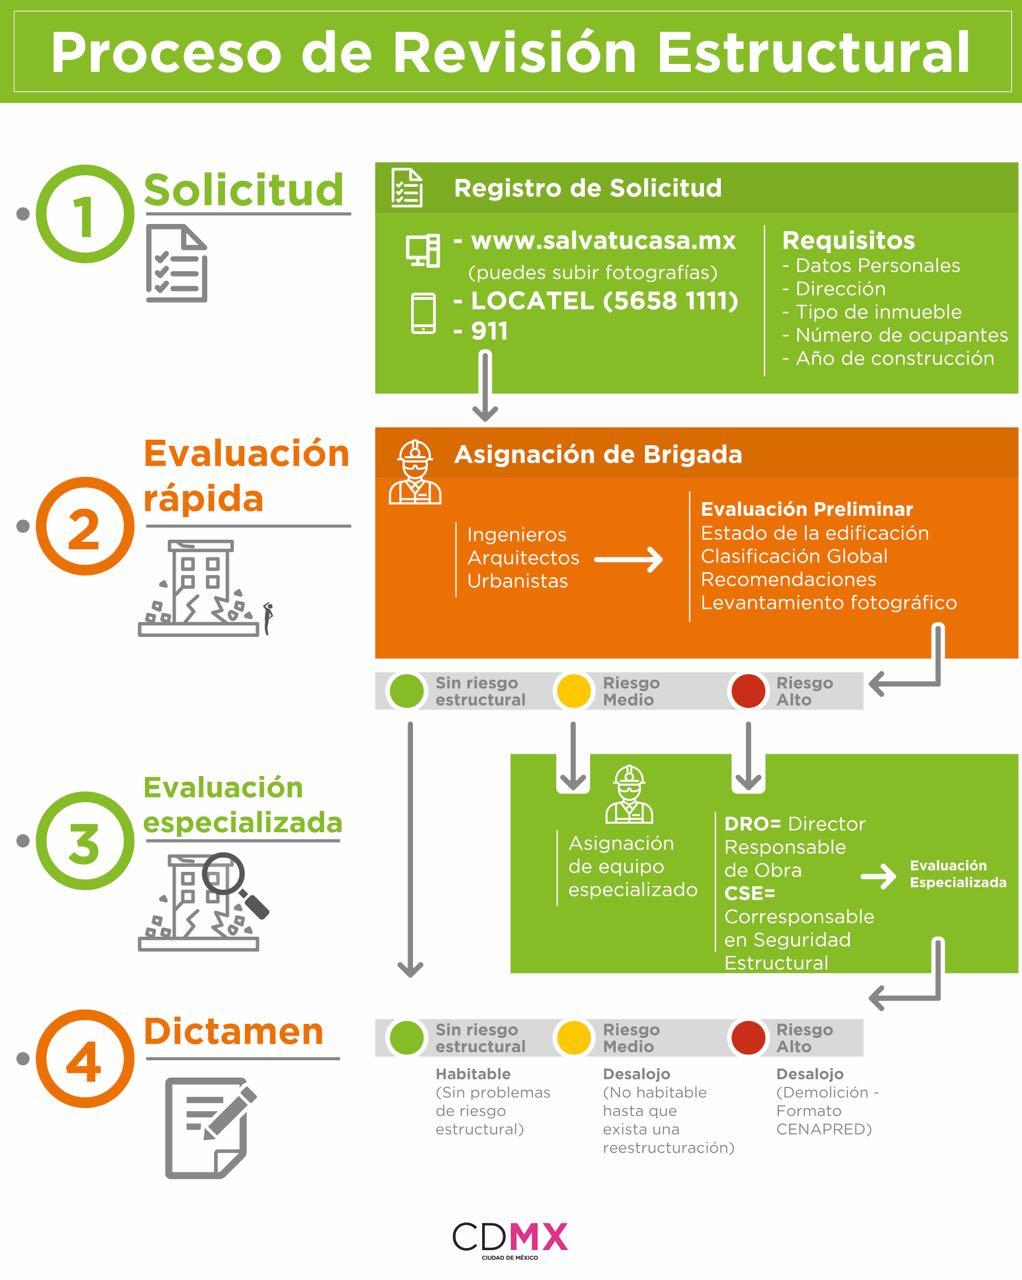 #Importante: Acércate a @locatel_mx si necesitas solicitar la revisión estructural de tu inmueble. https://t.co/ezp09Vqb2X